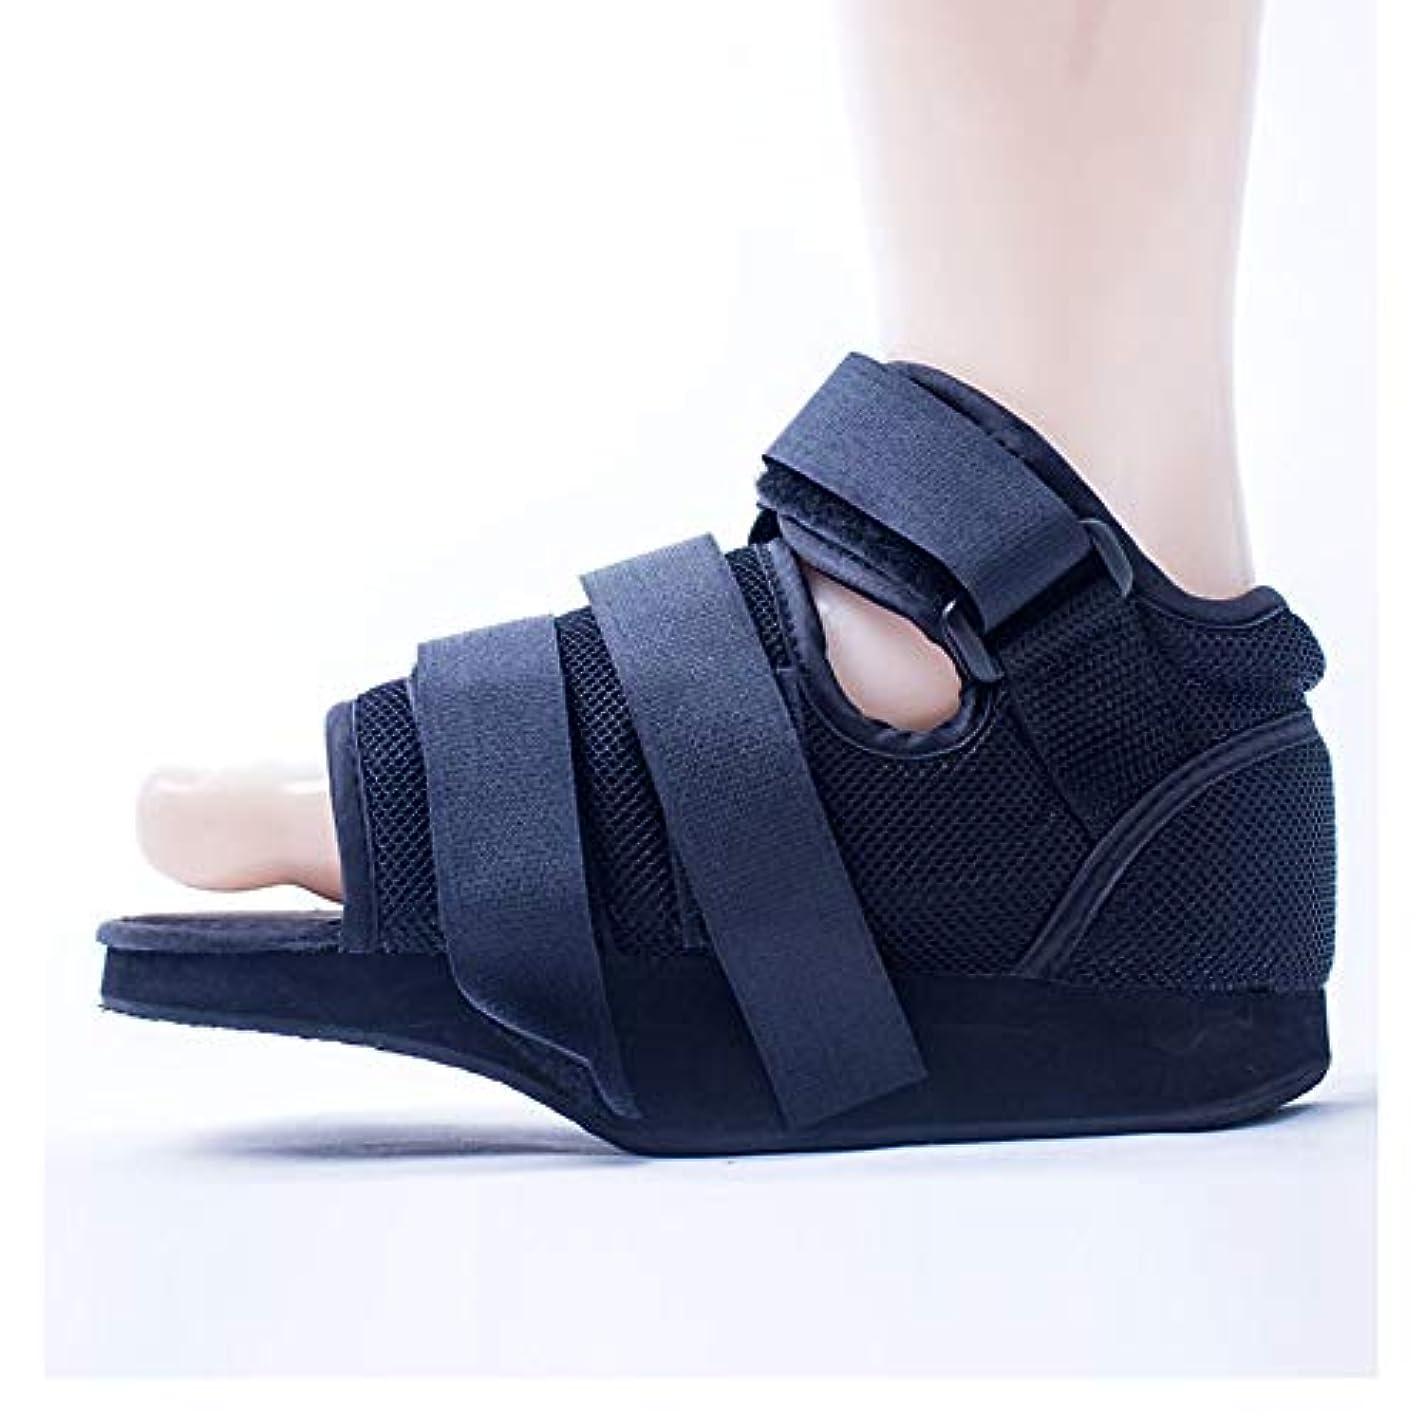 カート鉛質量壊れたつま先/足の骨折のための術後スクエアトゥウォーキングシューズ - ボトムキャストシューズ術後の靴 - 調節可能な医療ウォーキングブーツ (Size : M)